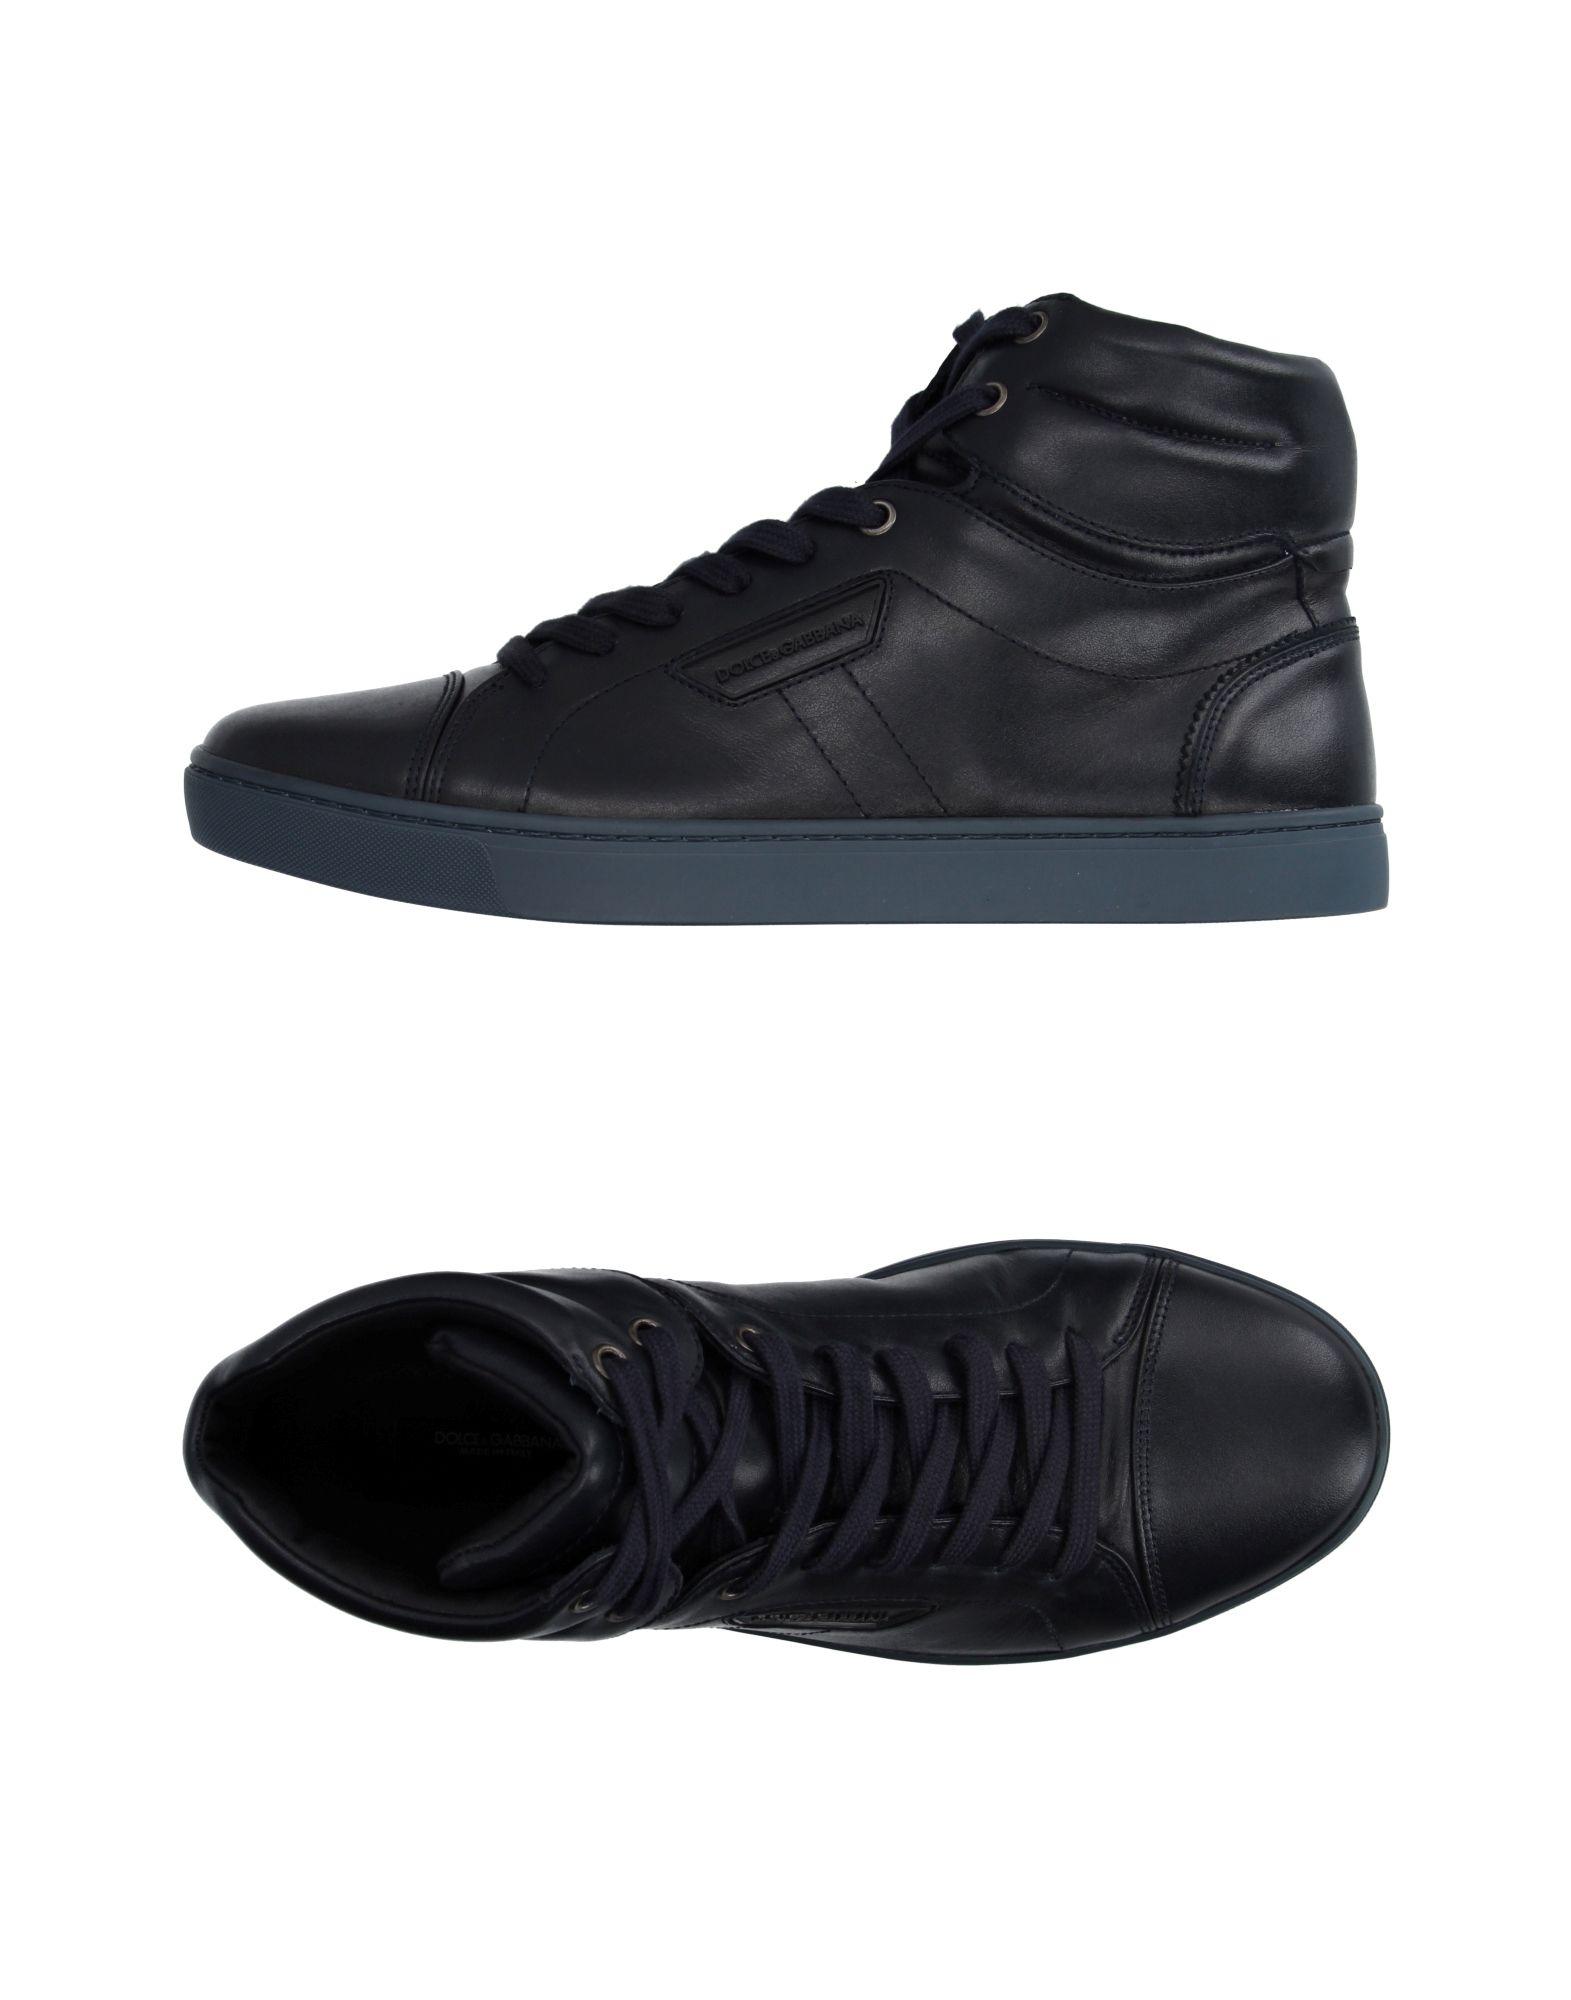 Dolce & Gabbana Sneakers Herren  11073660PD Gute Qualität beliebte Schuhe